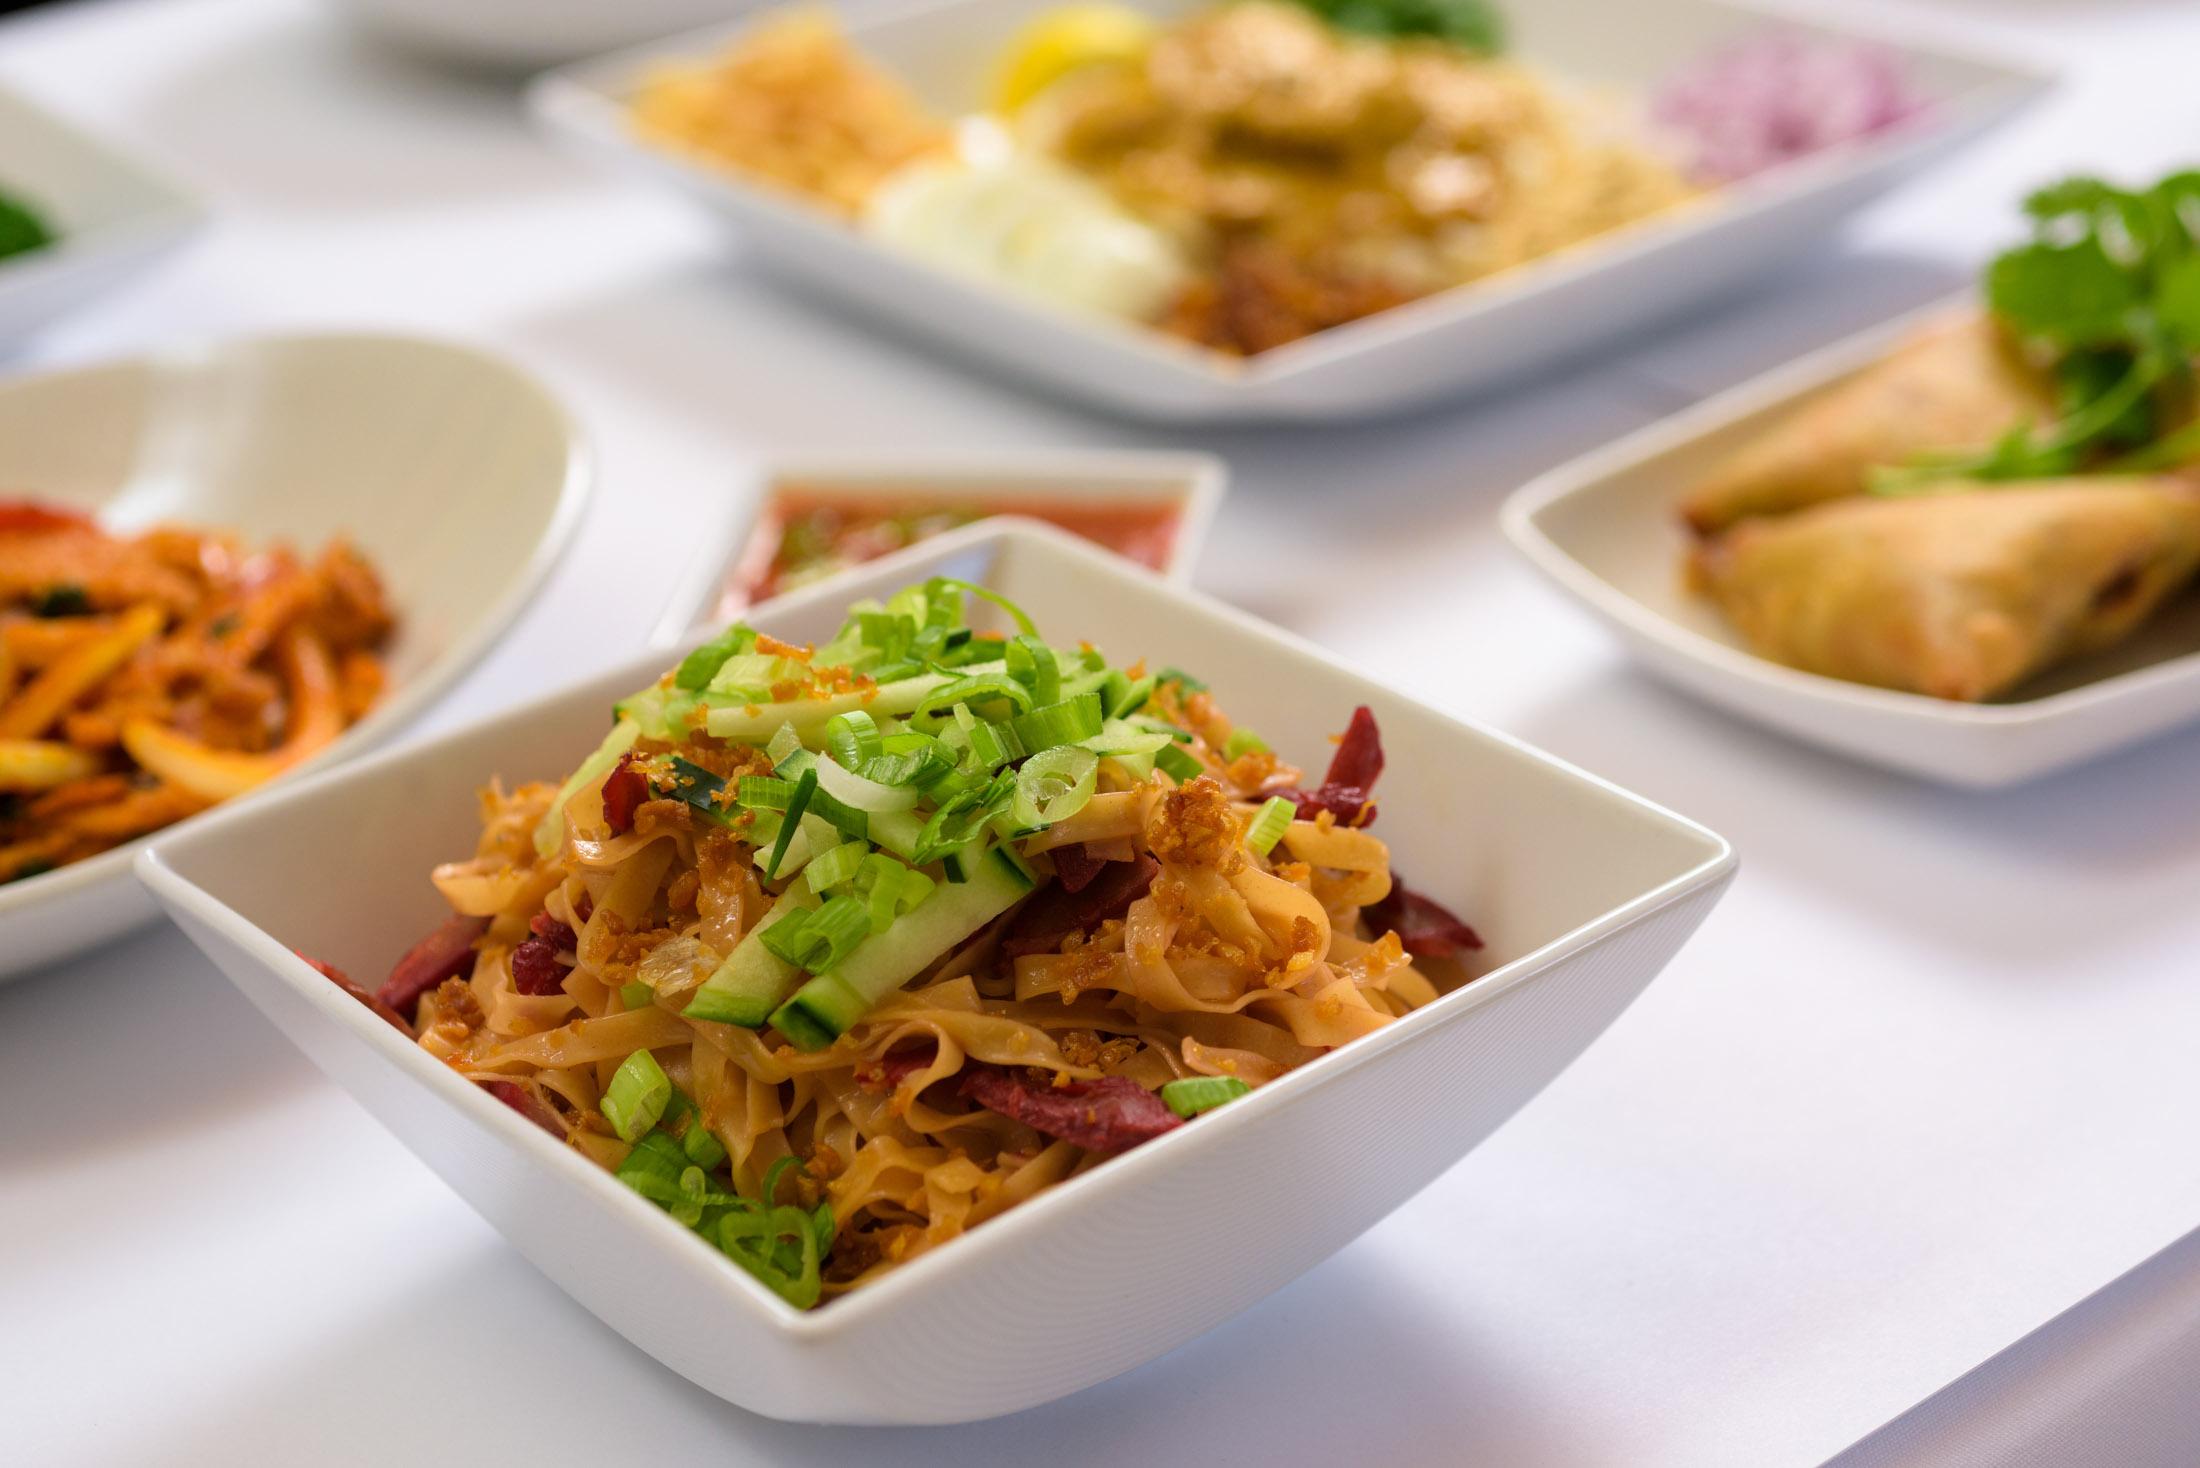 3122_d810a_Rangoon_Ruby_Restaurant_San_Carlos_Commercial_Food_Photography.jpg